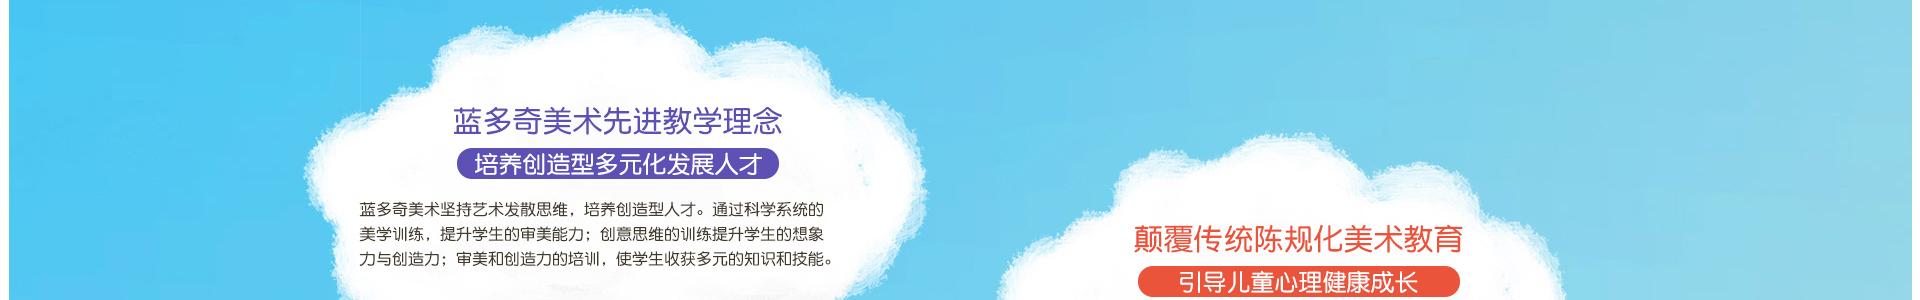 藍多奇國際少兒美術ldq_08